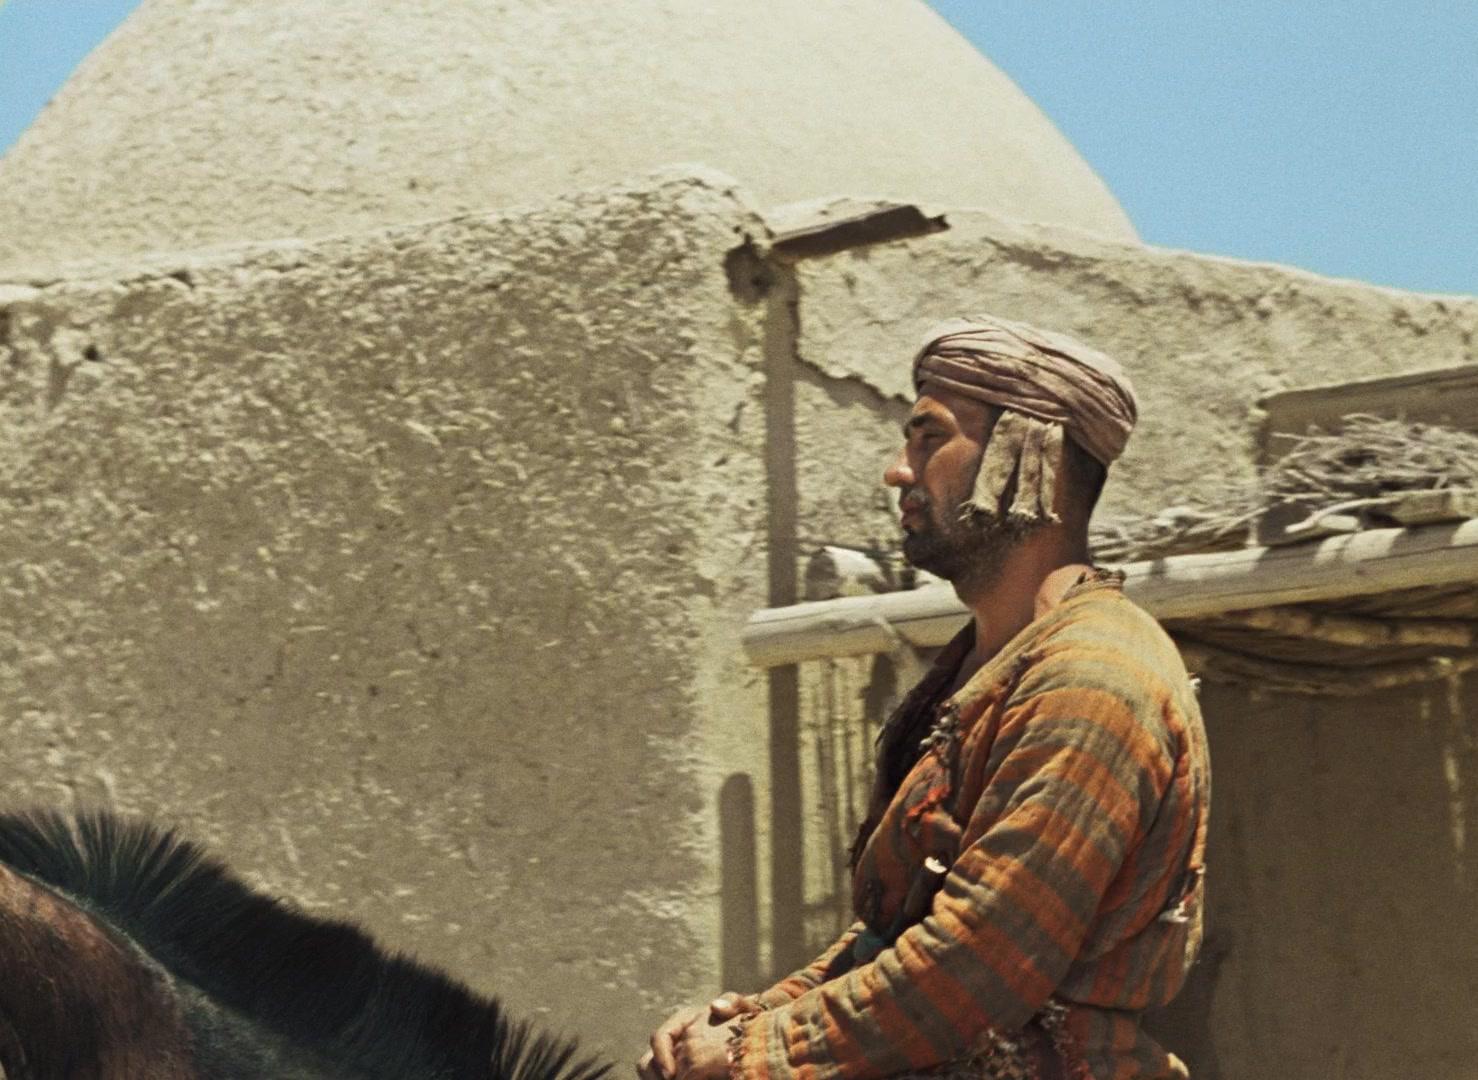 White.Sun.Of.The.Desert.1969.1080p.Blu-Ray.FLAC.DTS.mkv_20140324_085000.954.jpg